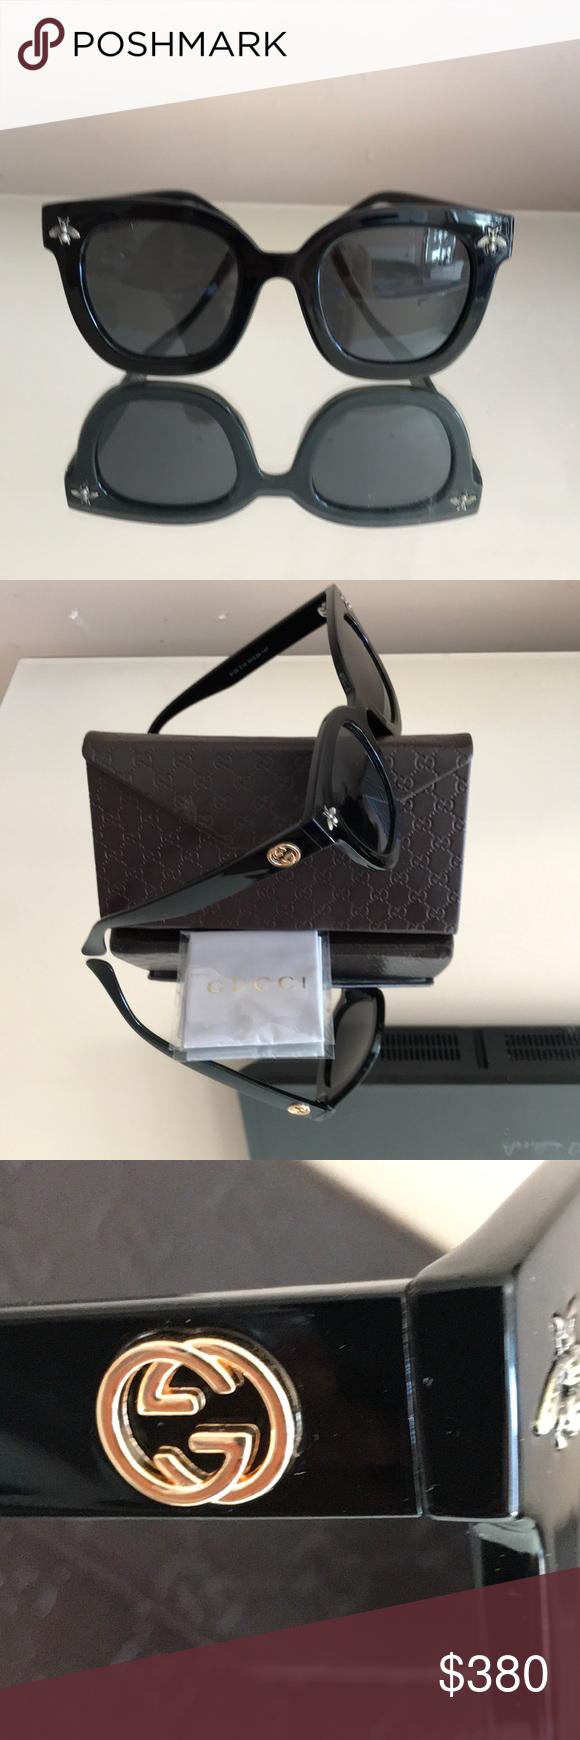 f1cbda771ae Gucci sunglasses case new black bee AUTHENTIC new collection Gucci black  plastic sunglasses